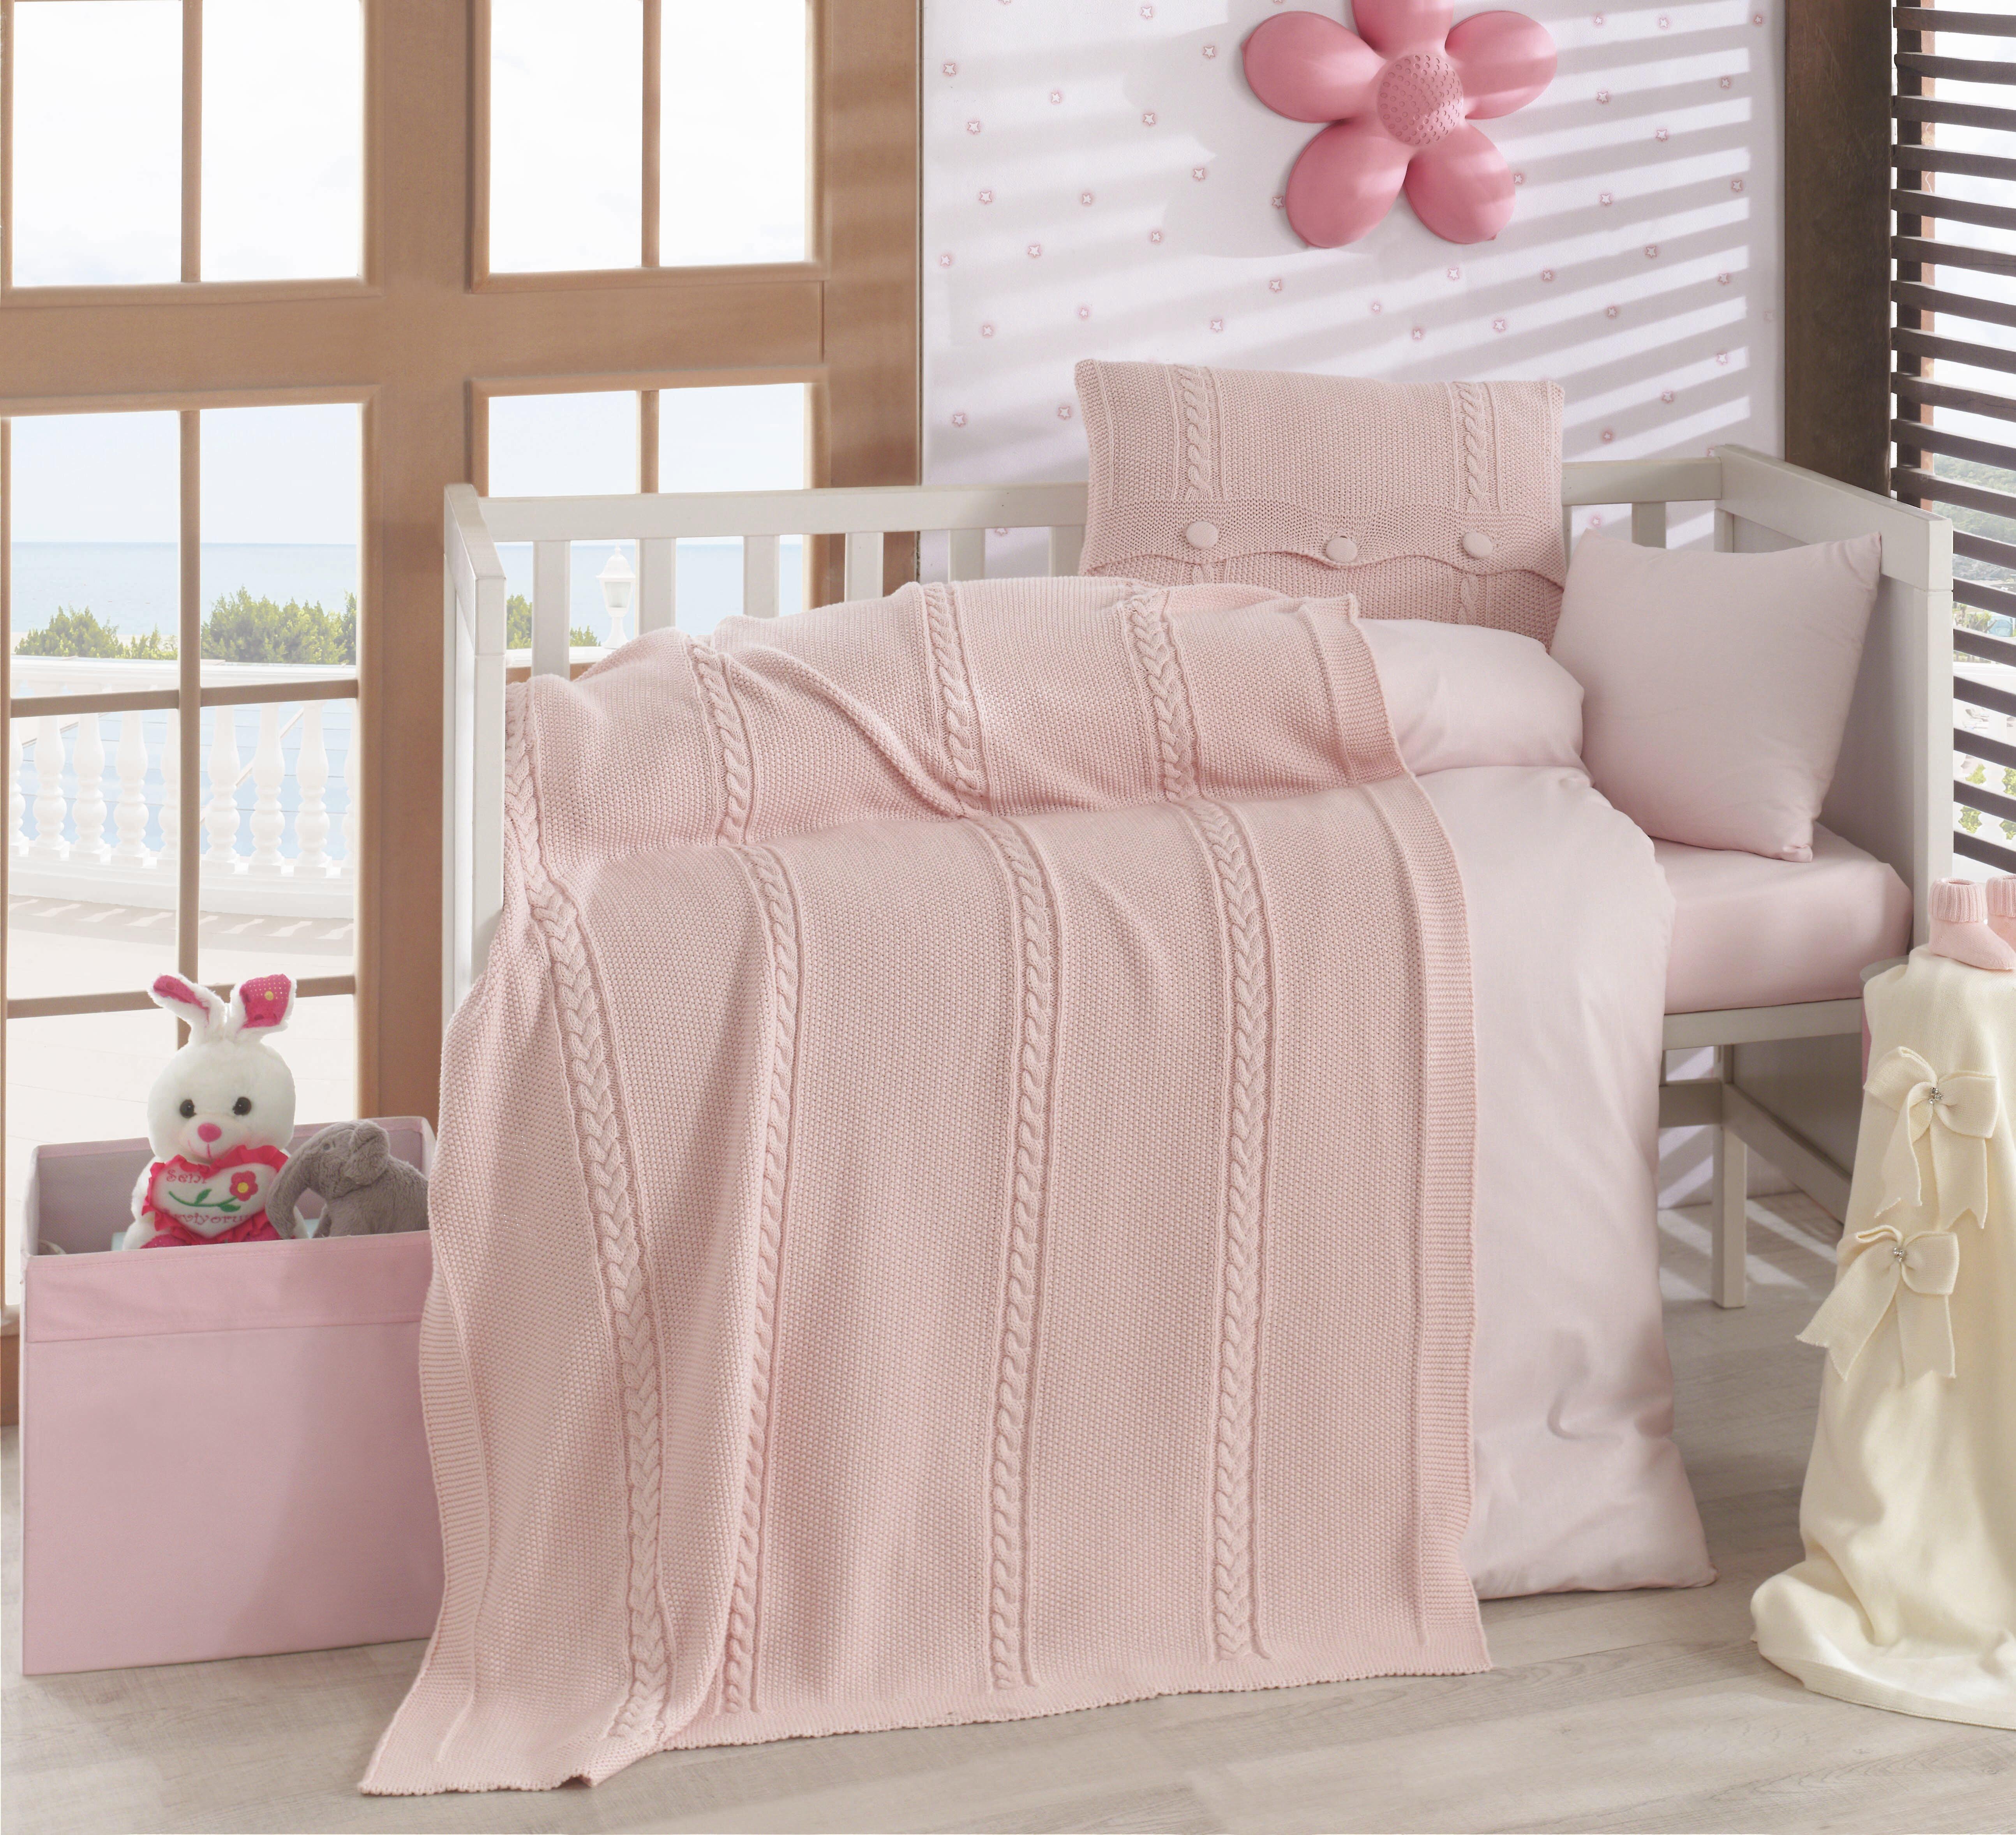 a4c7712f8889 Harriet Bee Kathaleen 6 Piece Crib Bedding Set